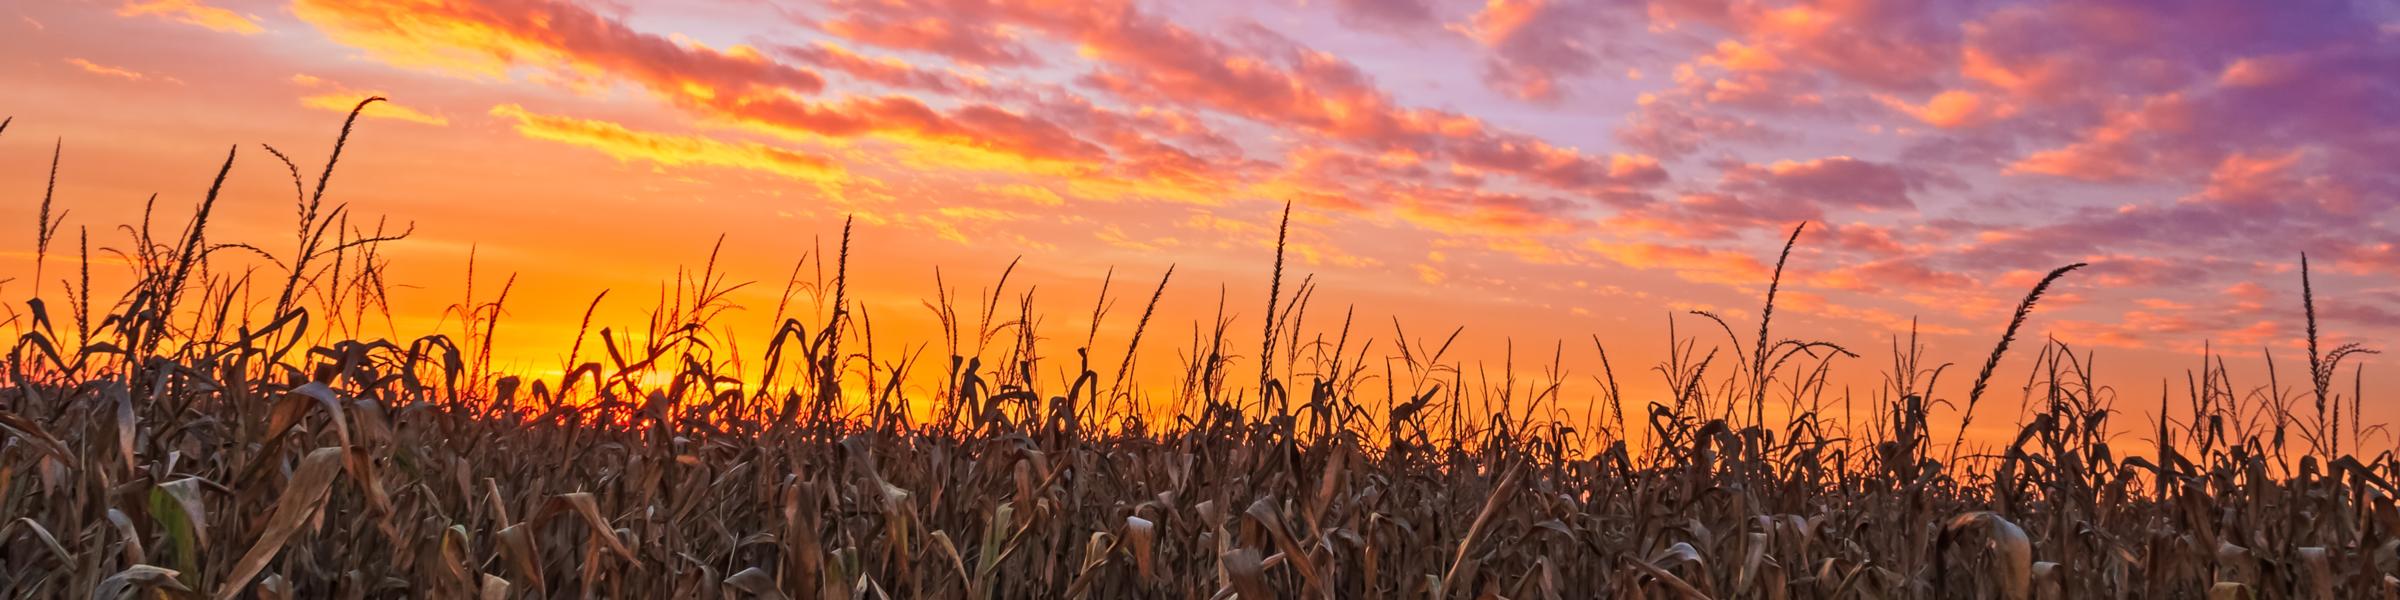 Fall Corn Subpage